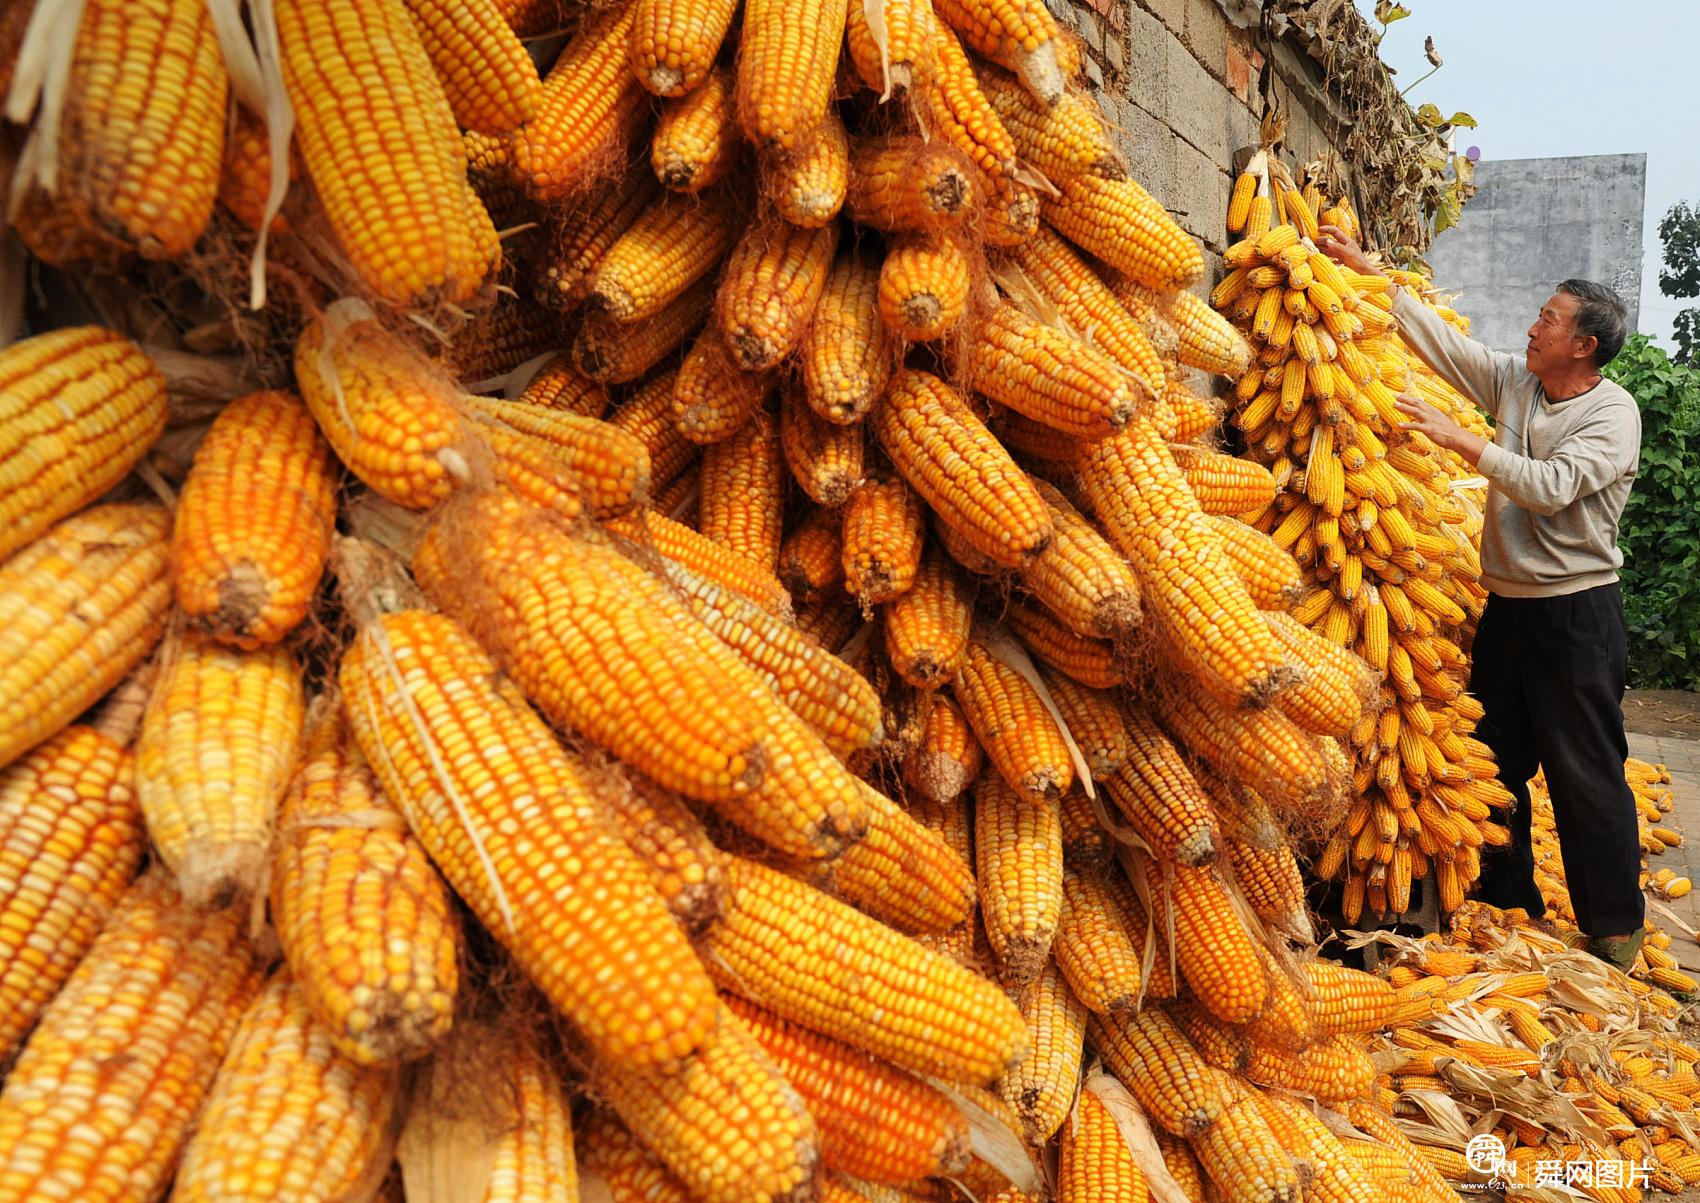 山东枣庄: 金秋时节 农民抢收玉米